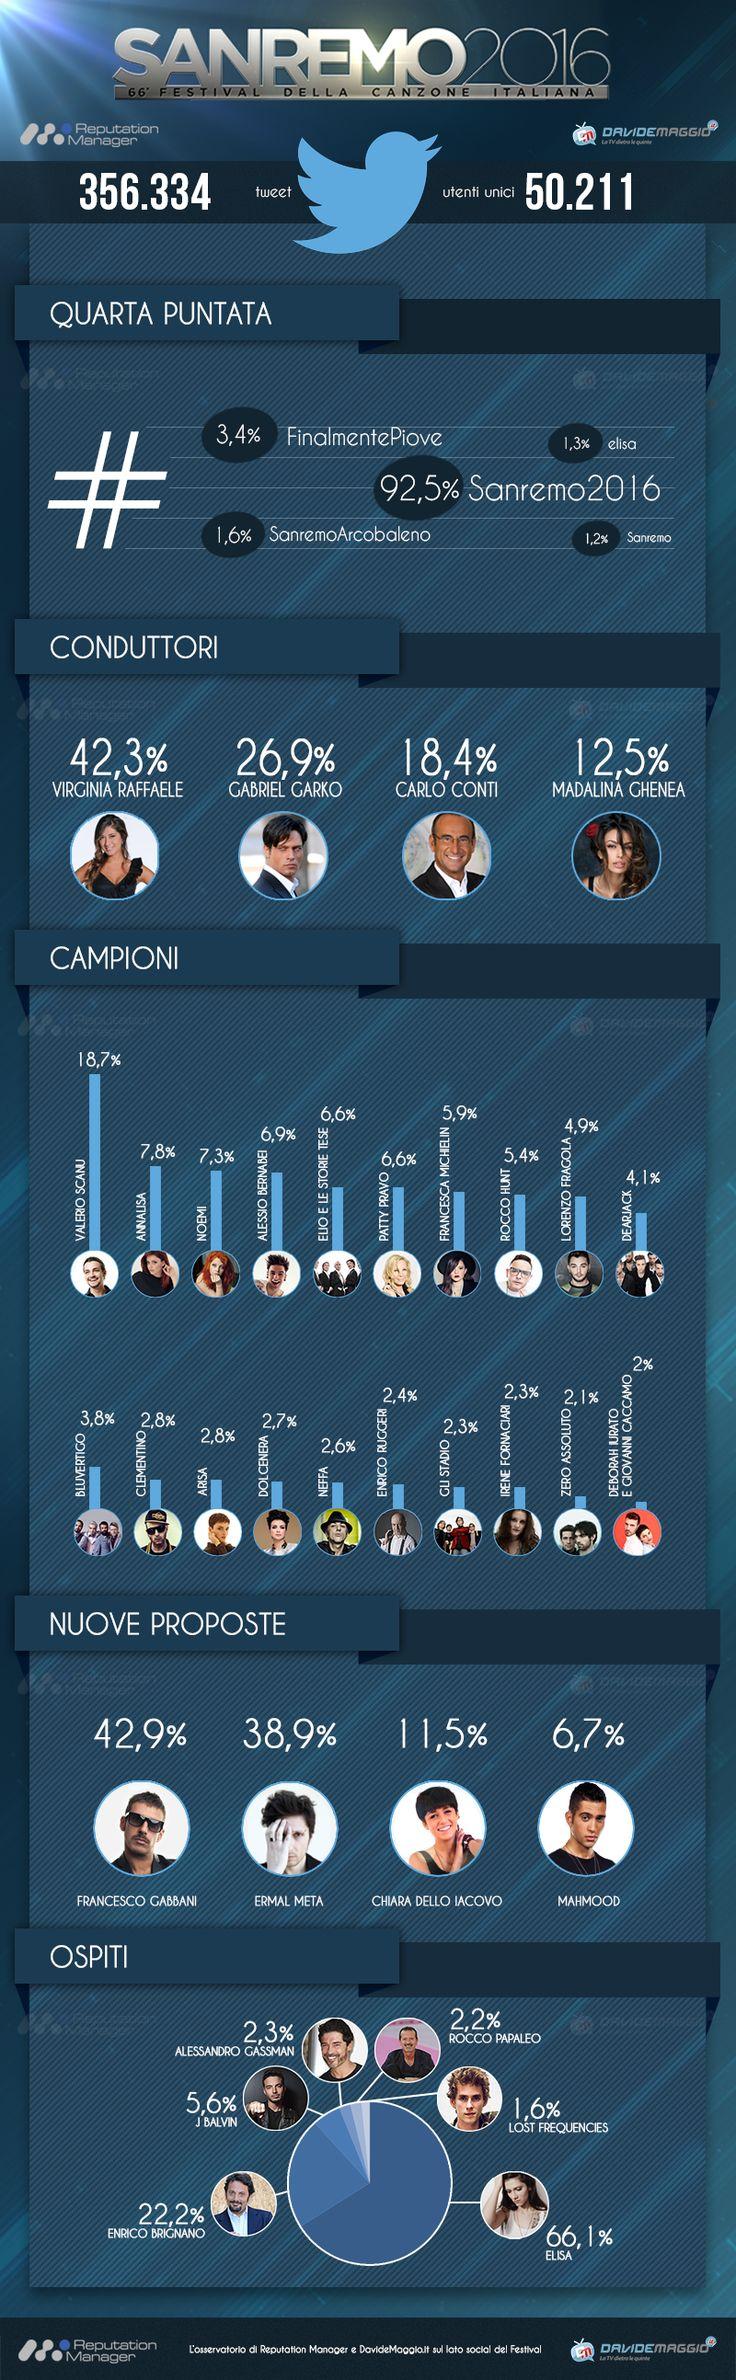 L'analisi di Reputation Manager sulla quarta puntata del Festival di Sanremo 2016.